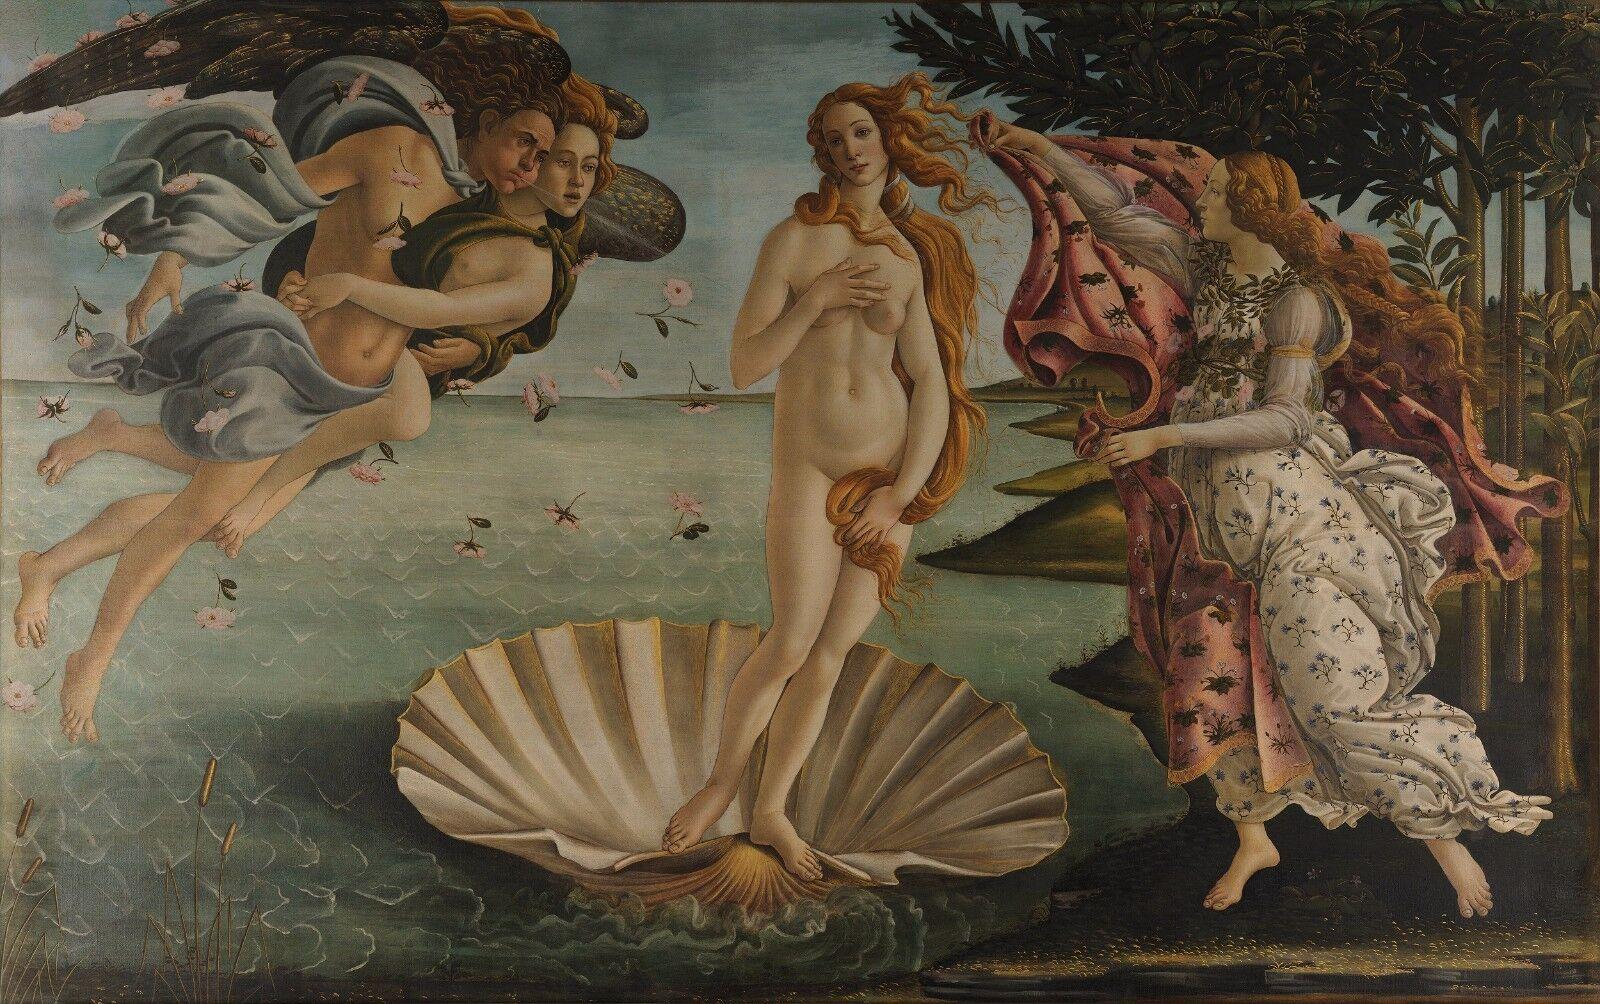 Time 4 image sandro Botticelli Naissance de vénus image toile érougeique Canvas NUDE